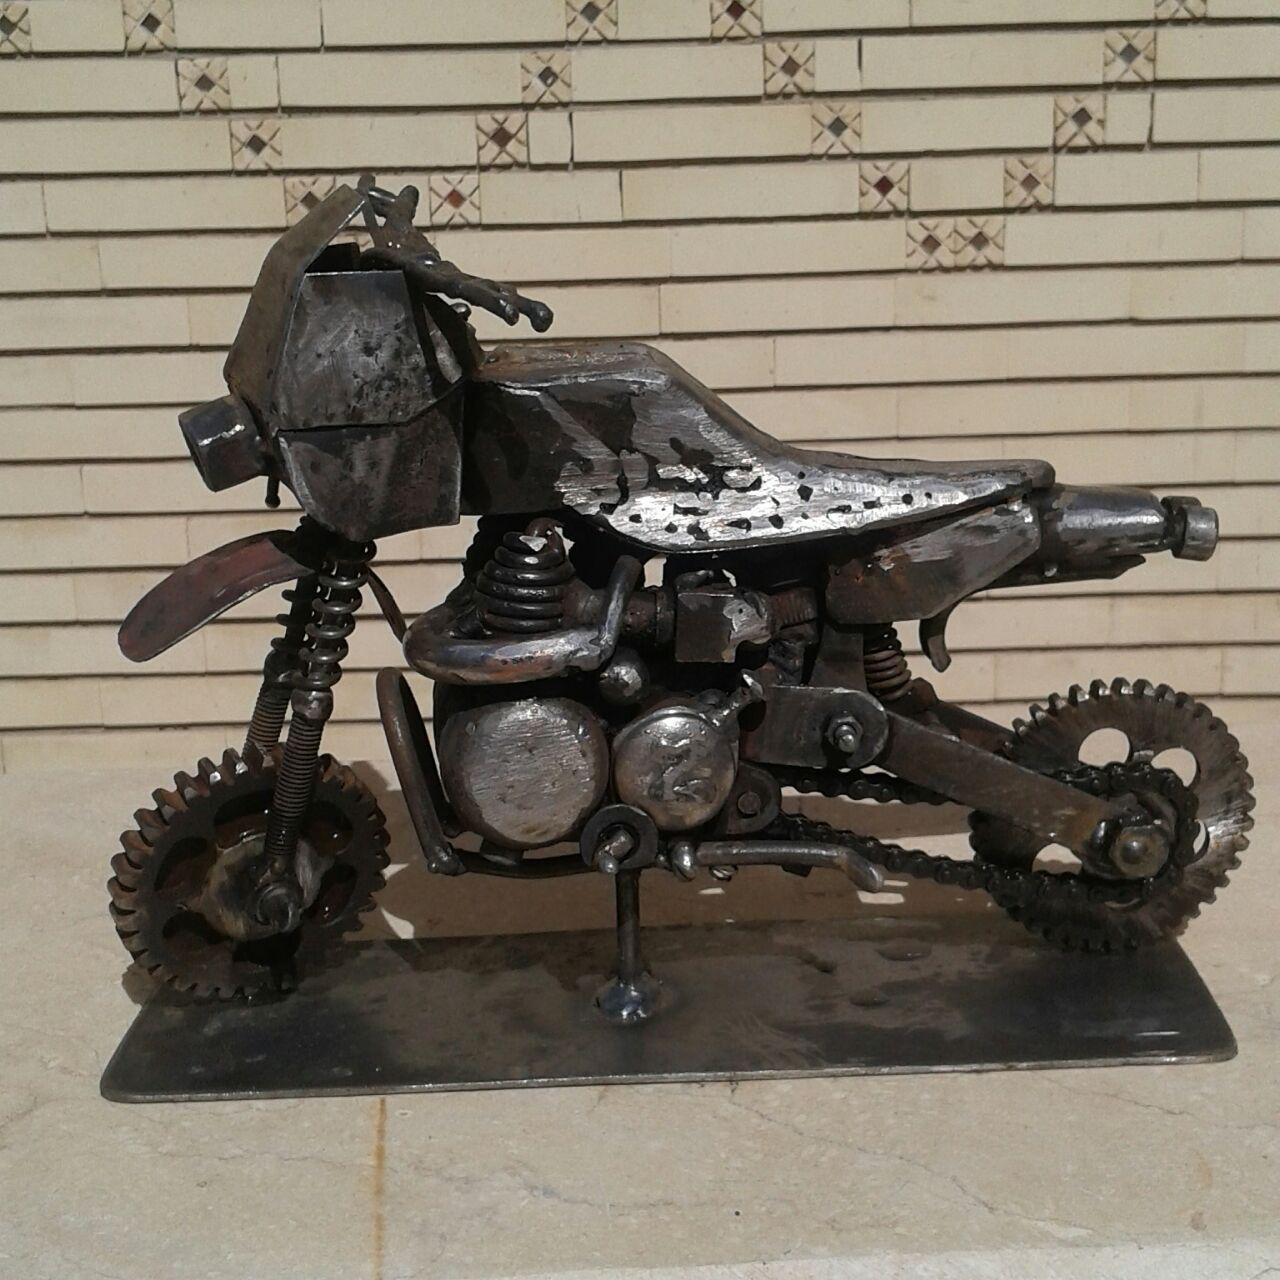 مجسمه فلزی موتور سیکلت